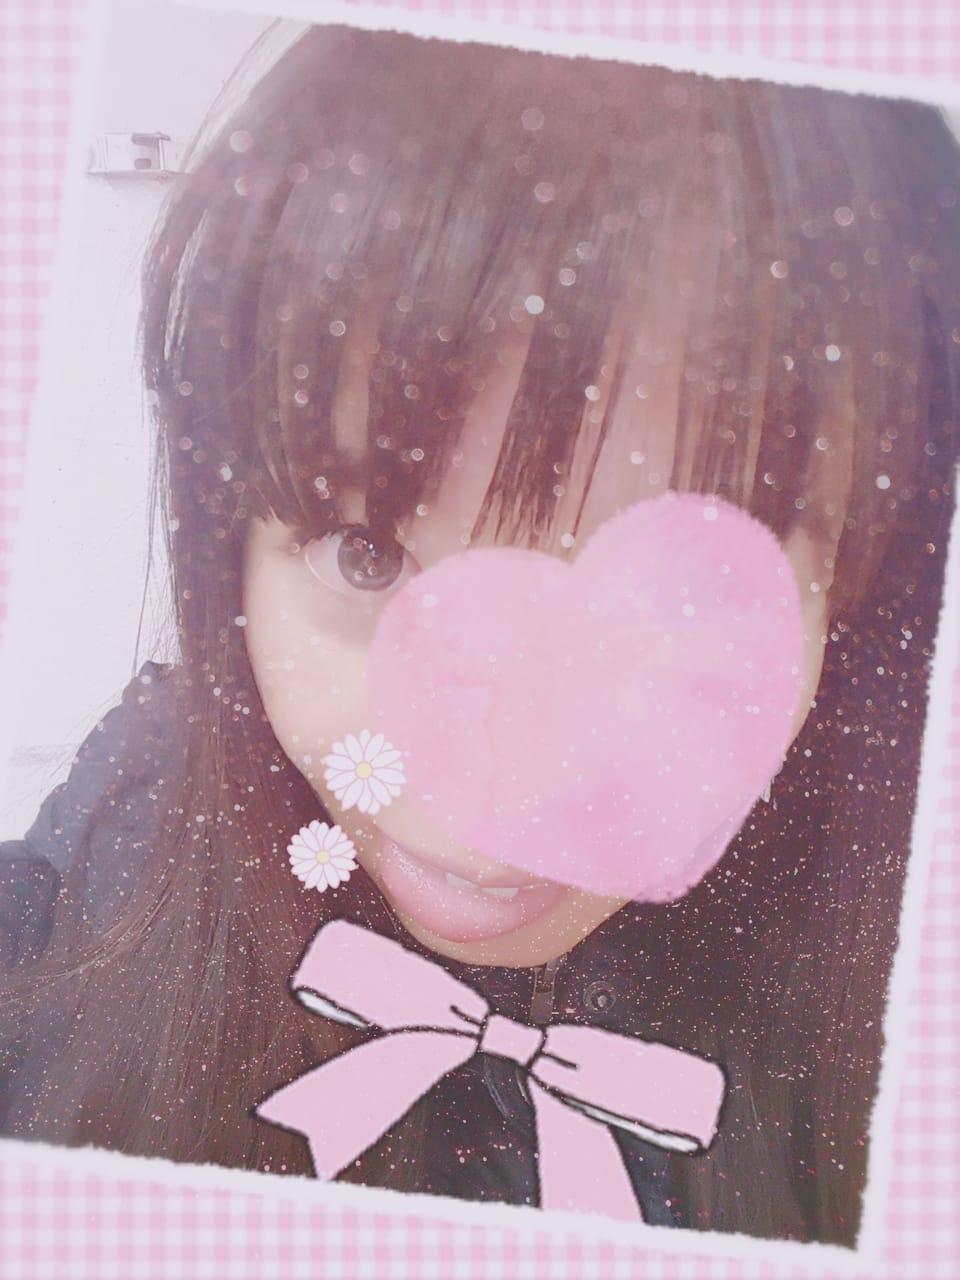 かおり「♡♡S様へ♡♡」11/20(月) 17:25   かおりの写メ・風俗動画